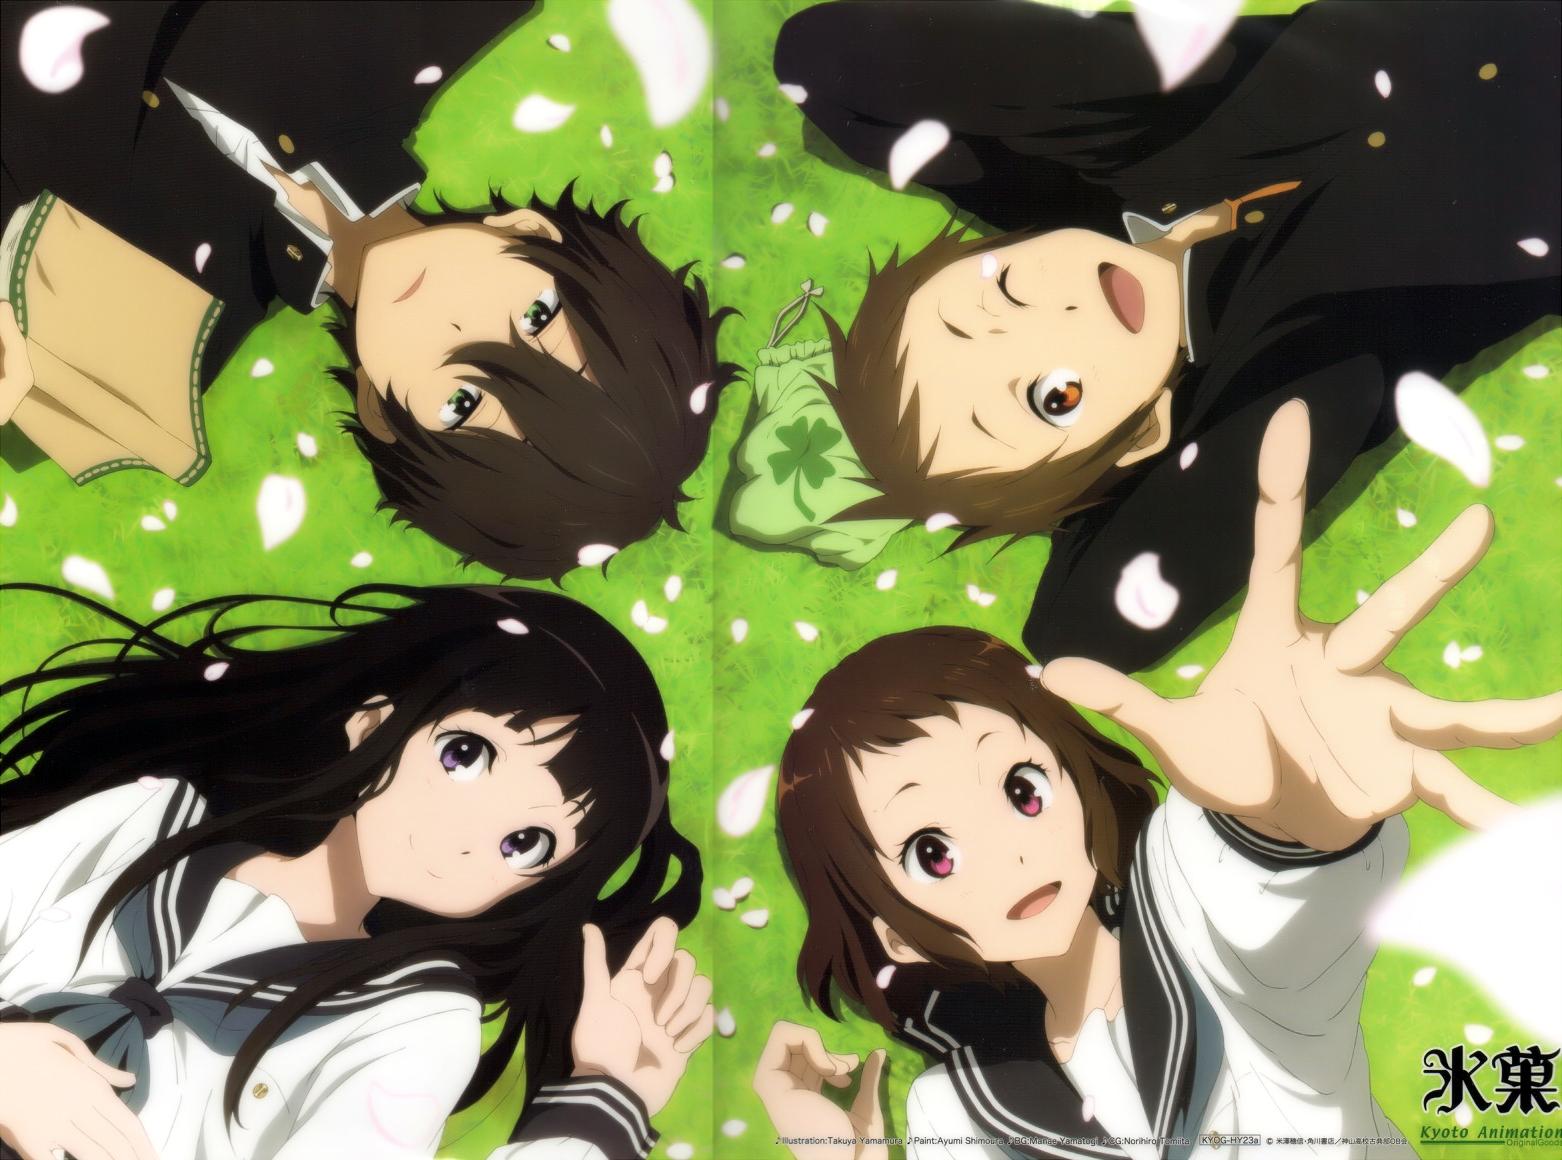 Anime 4